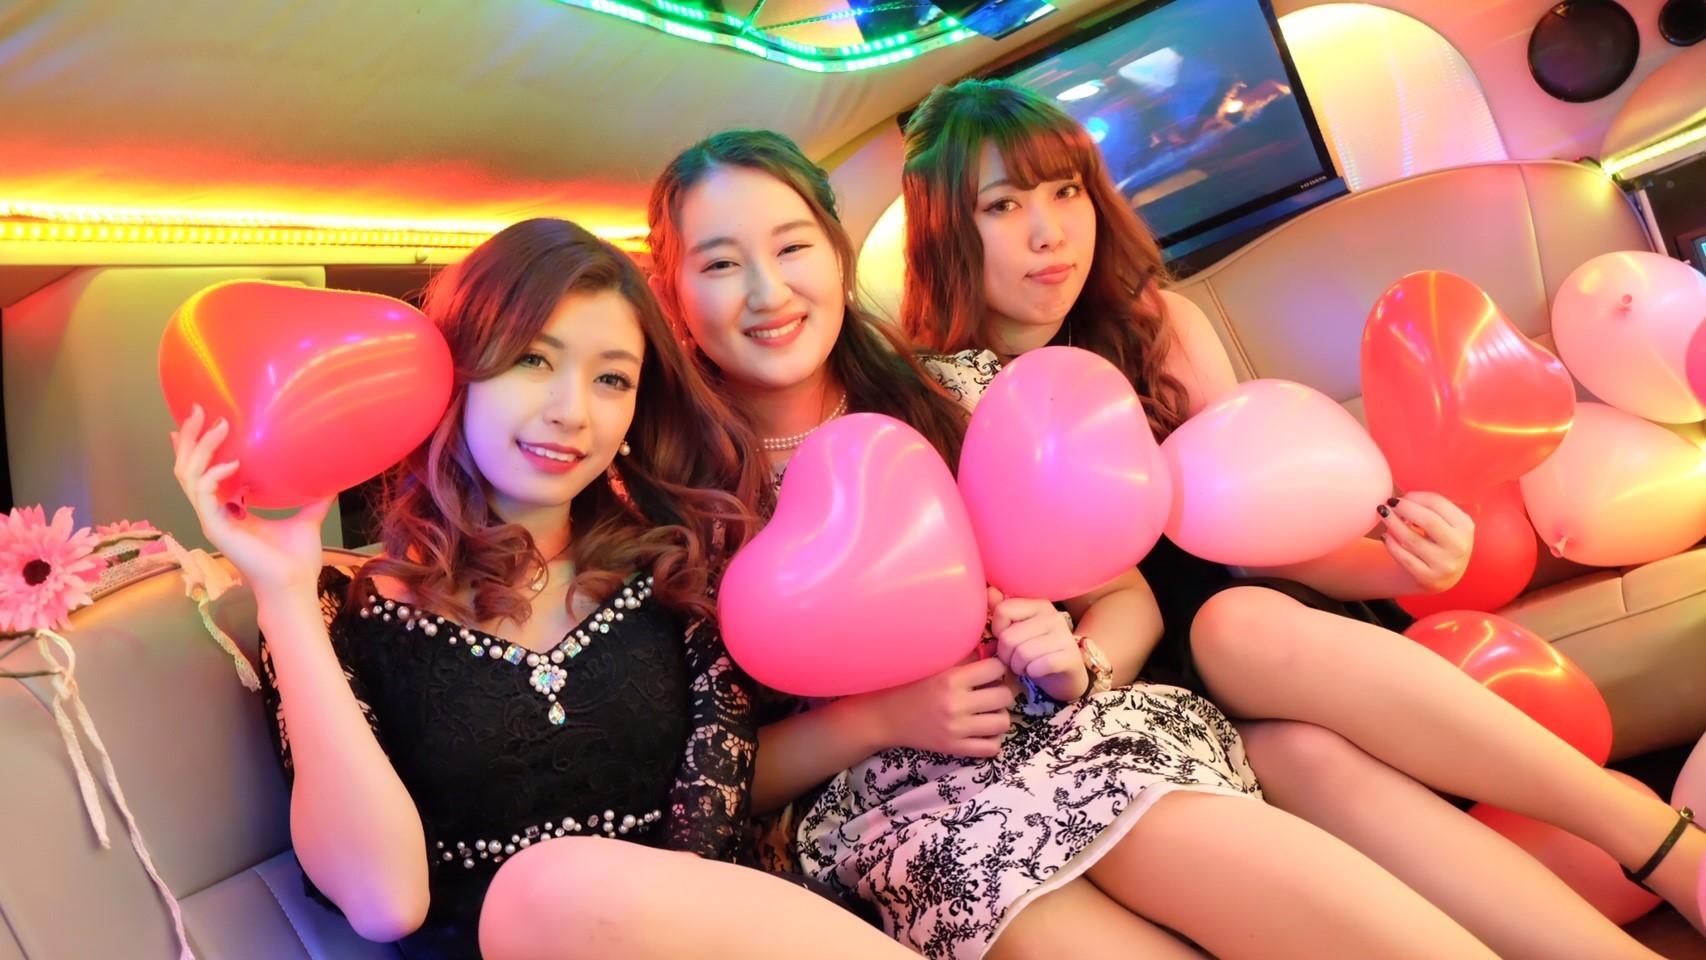 リムジン女子会東京の画像